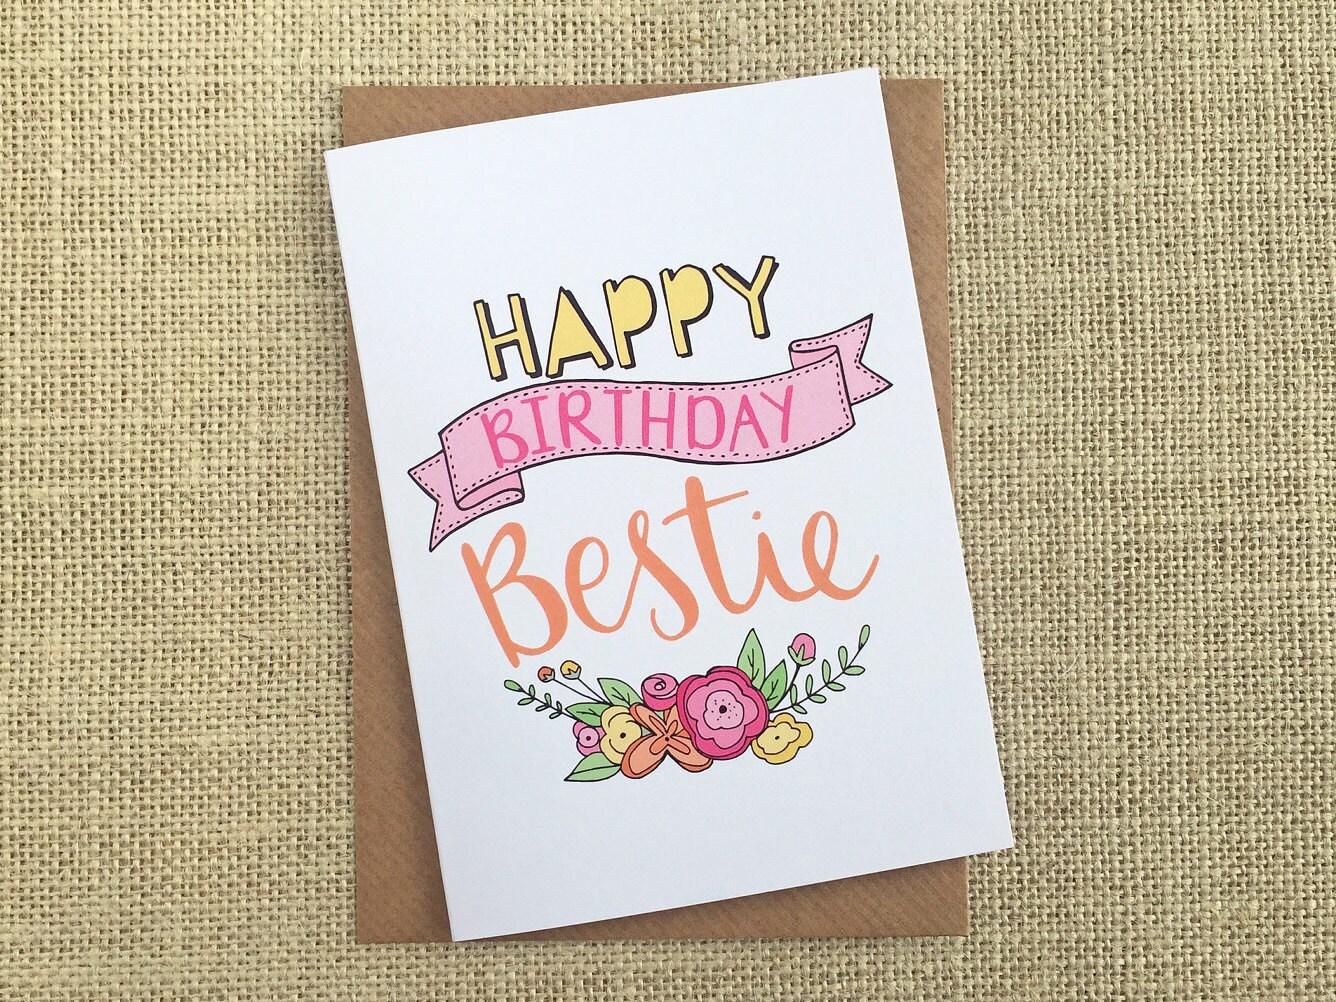 Happy Birthday Bestie Birthday Card Hand Lettering Best